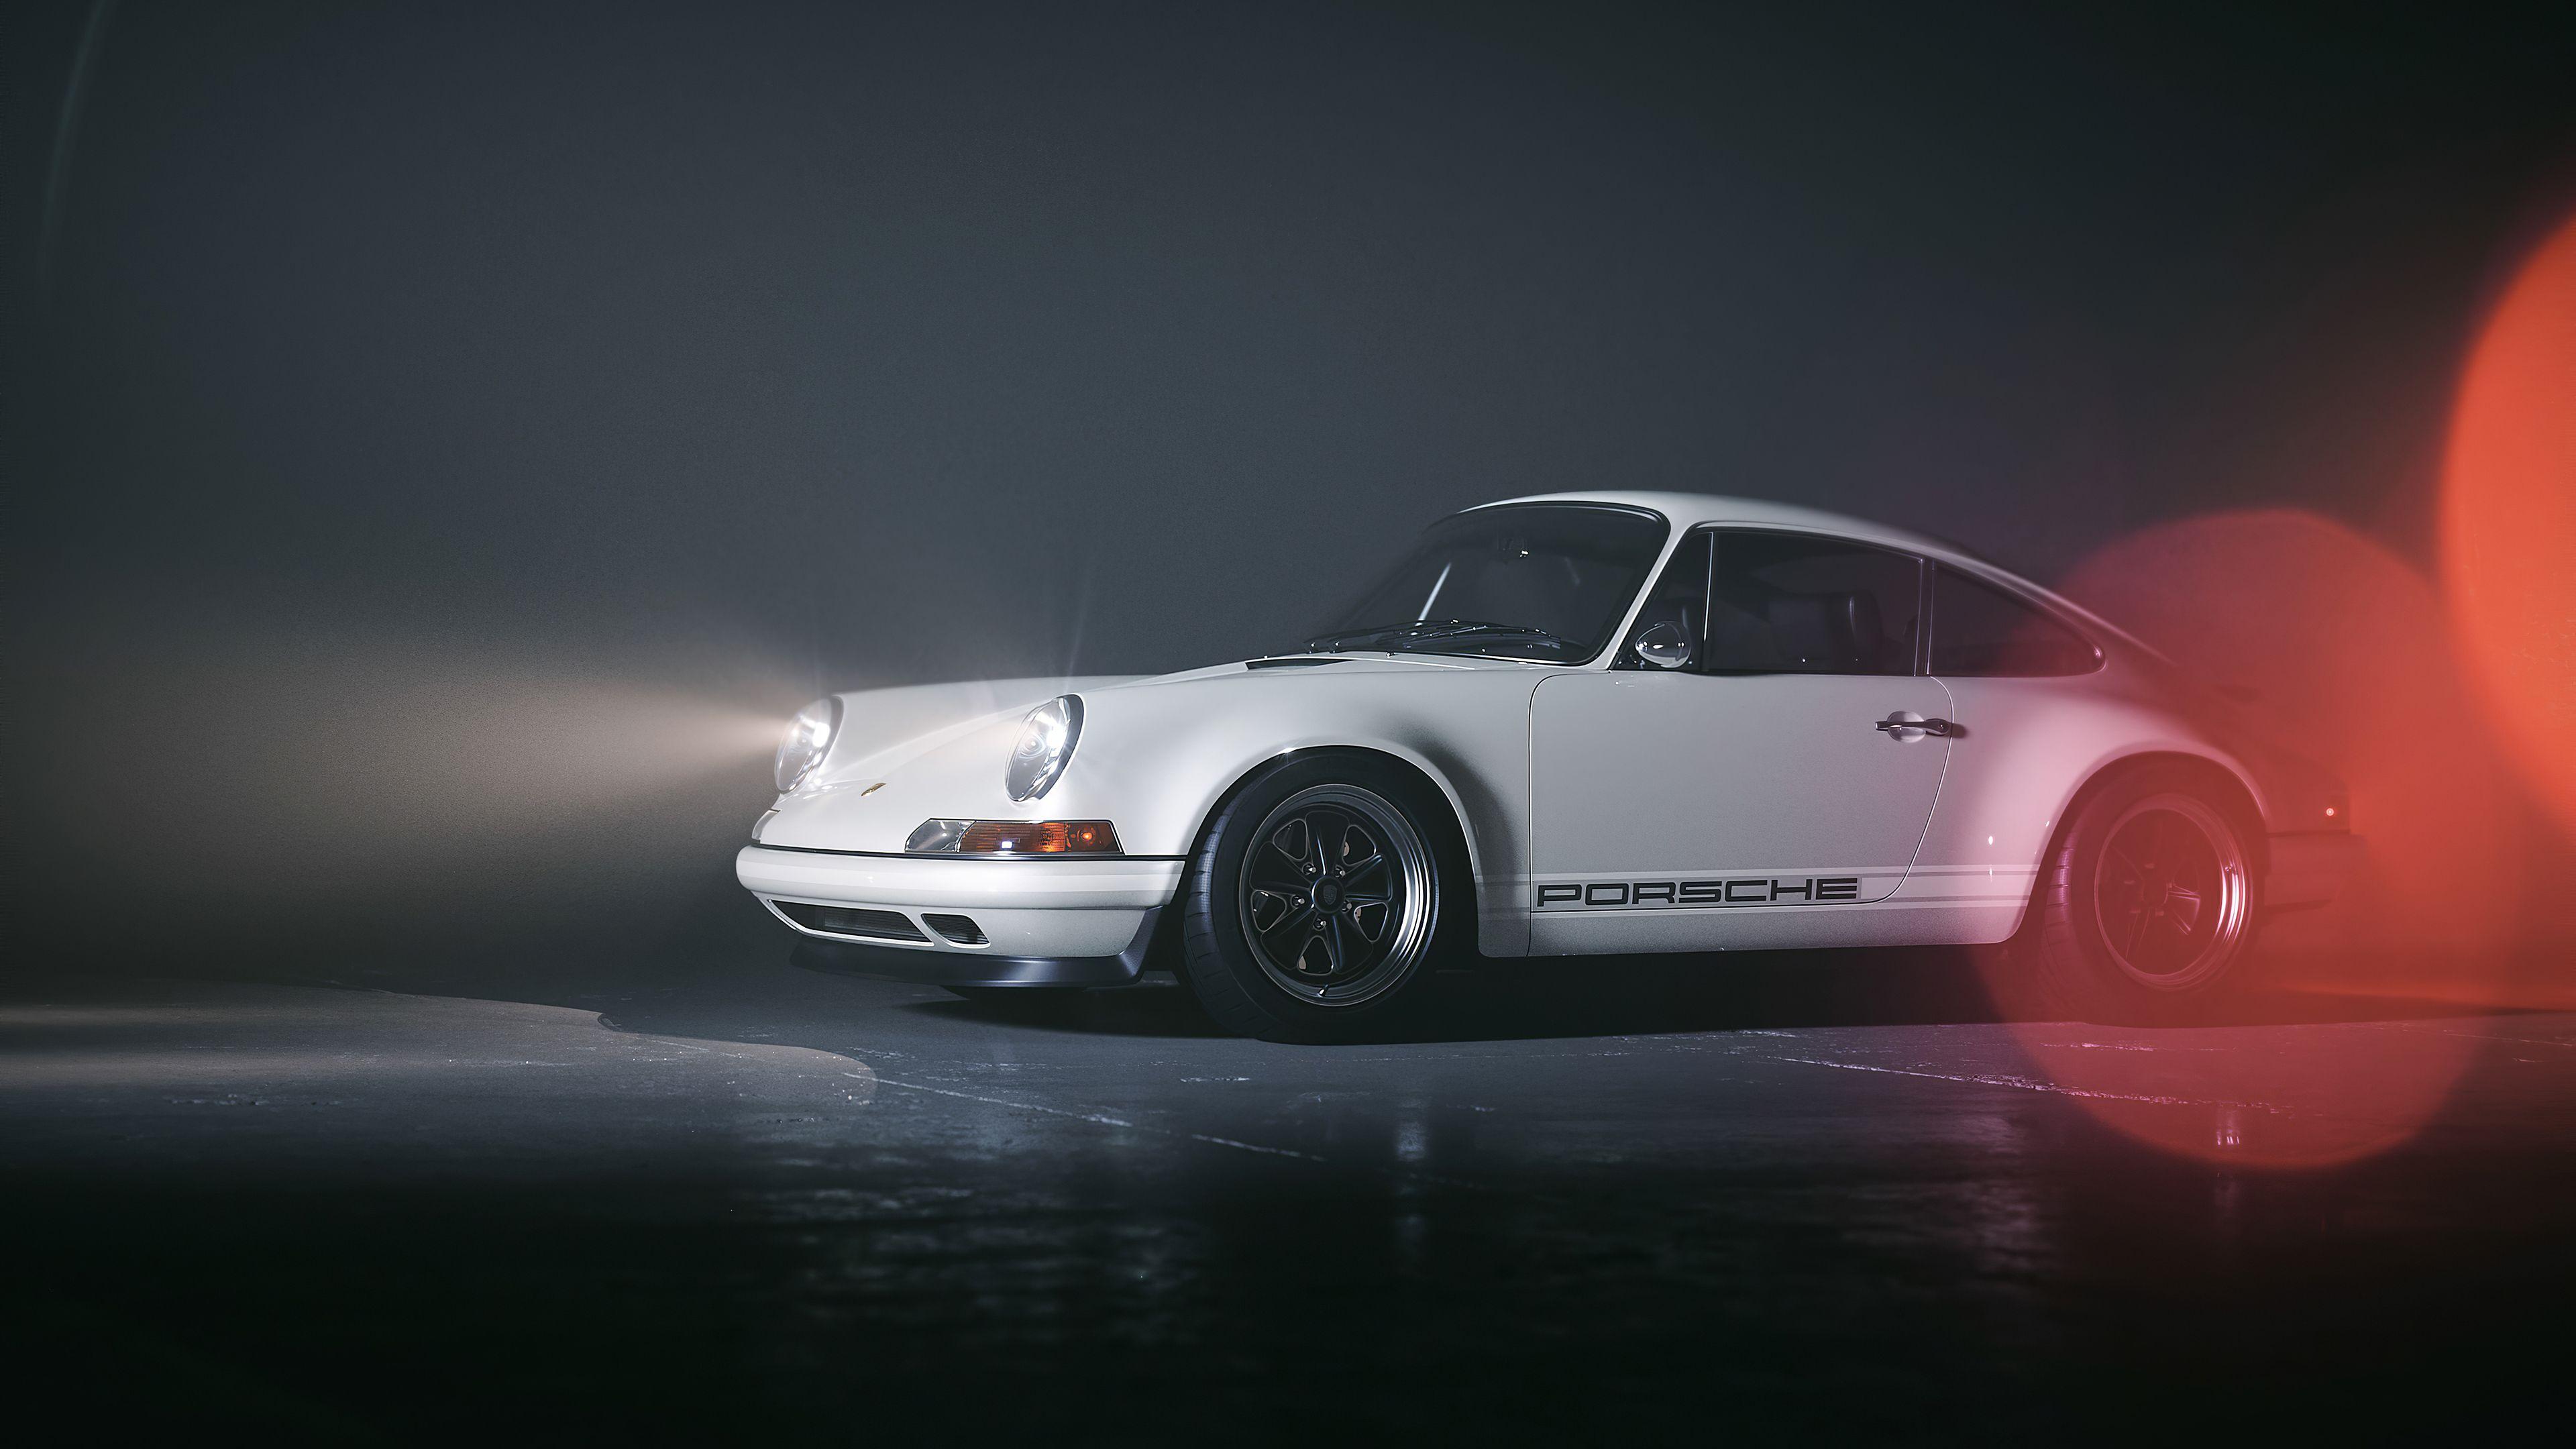 White Porsche Porsche Wallpapers Hd Wallpapers Cars Wallpapers Behance Wallpapers 4k Wallpapers Porsche Car Wallpapers Hd Wallpaper